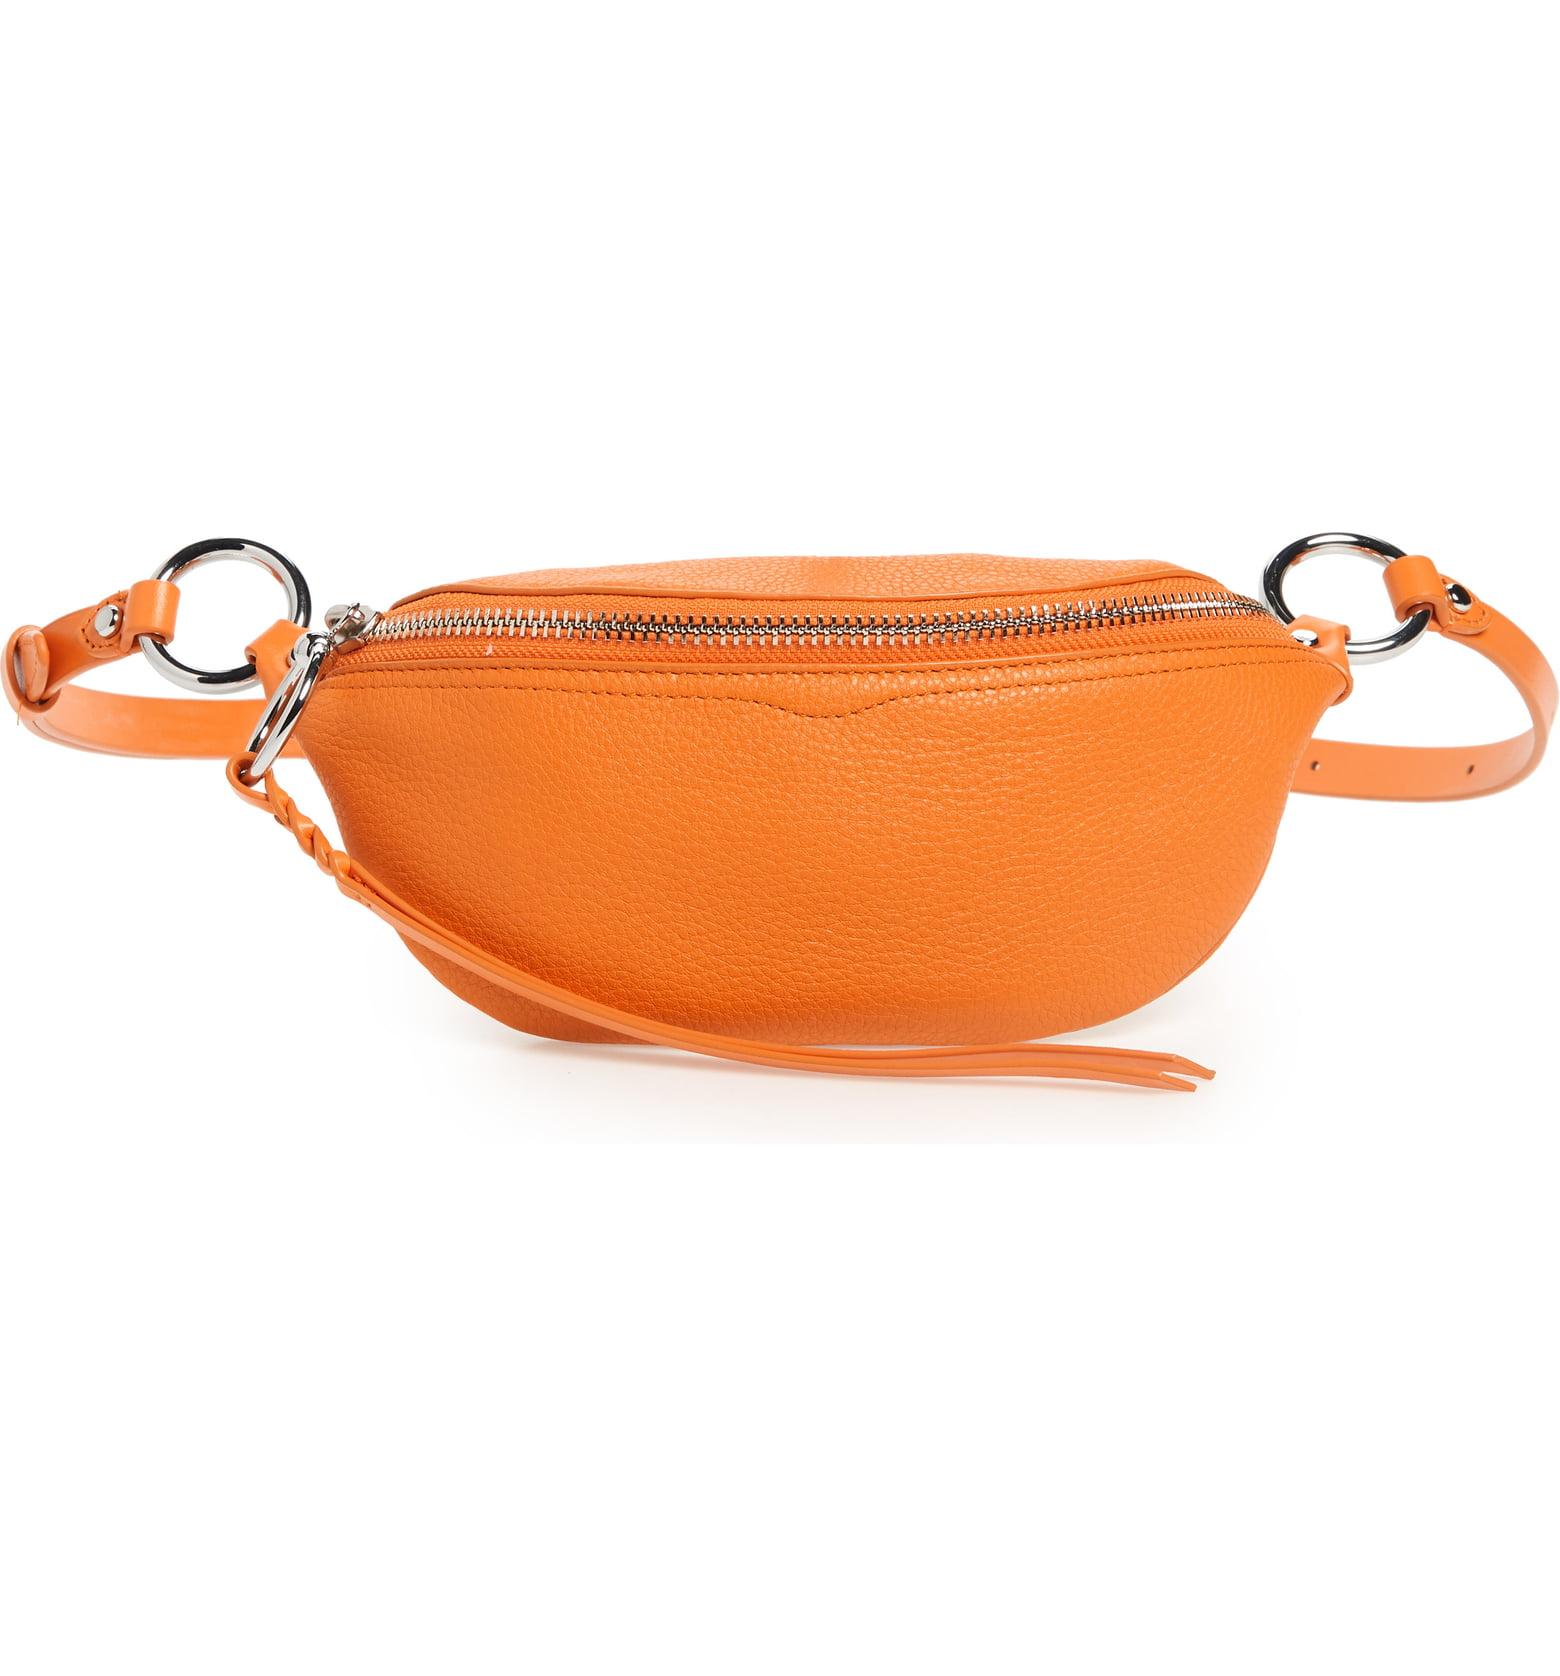 Rebecca Minkoff Bree Mini Belt Bag - $128